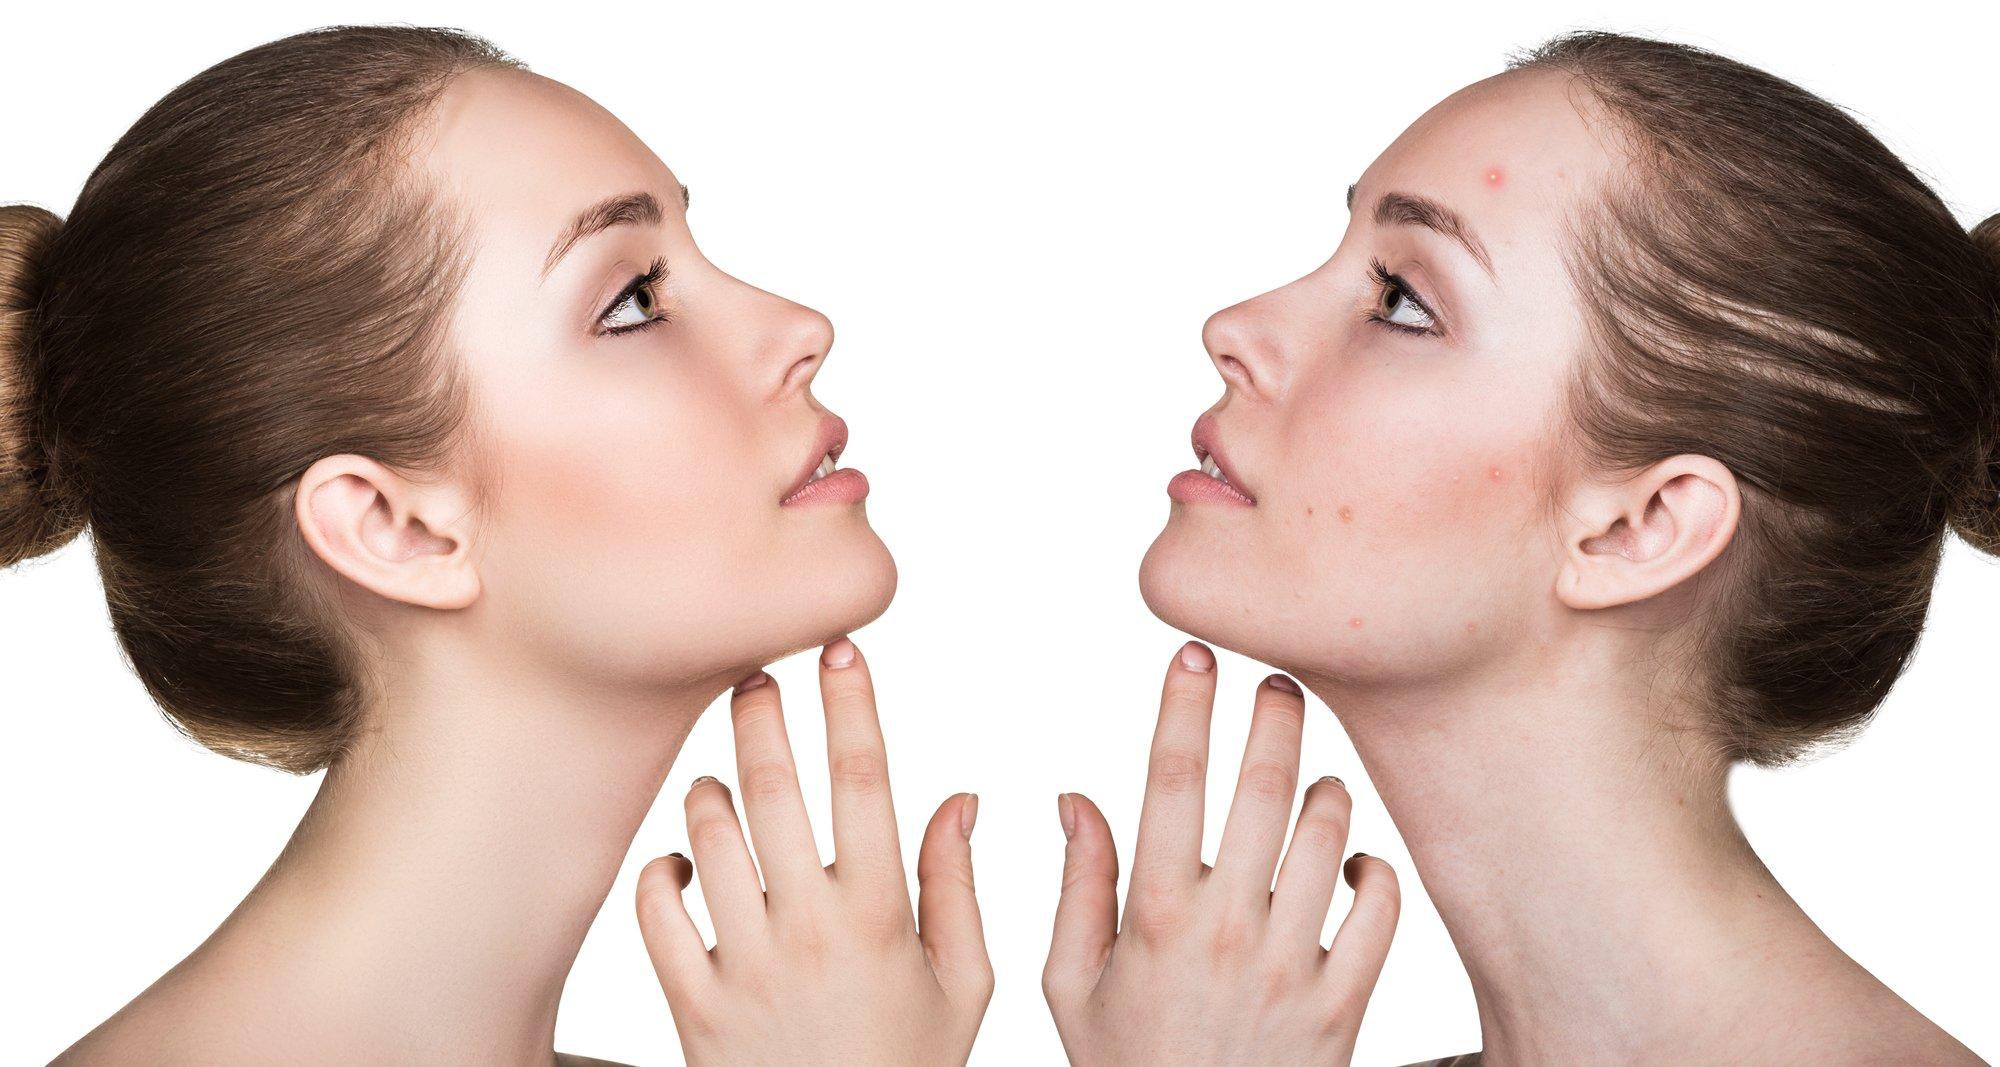 Comparison portrait of problematic skin